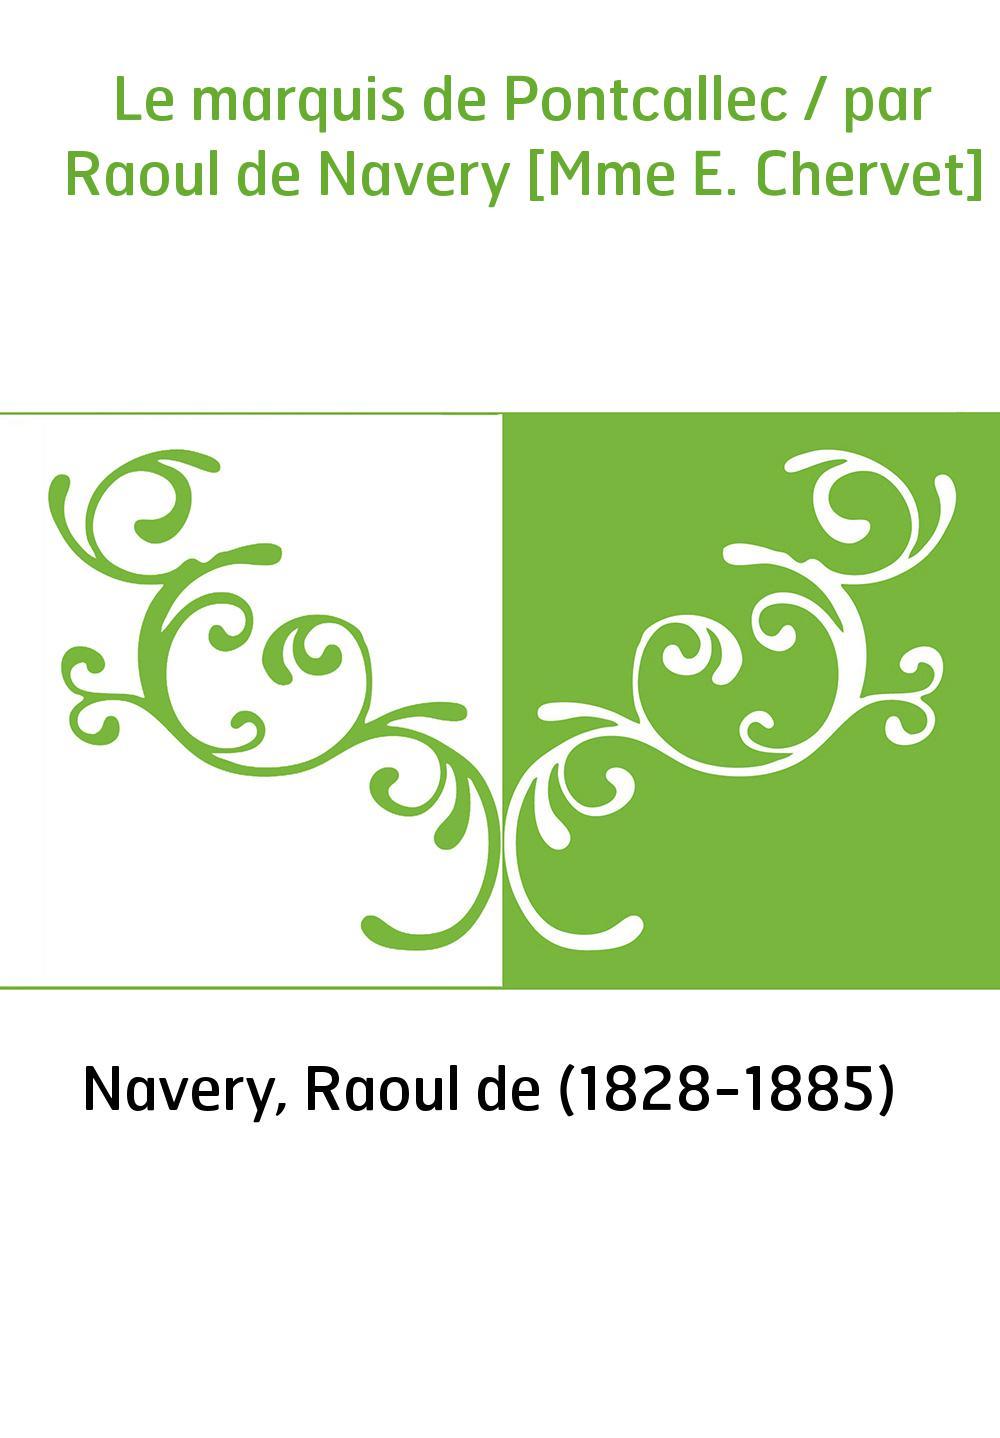 Le marquis de Pontcallec / par Raoul de Navery [Mme E. Chervet]